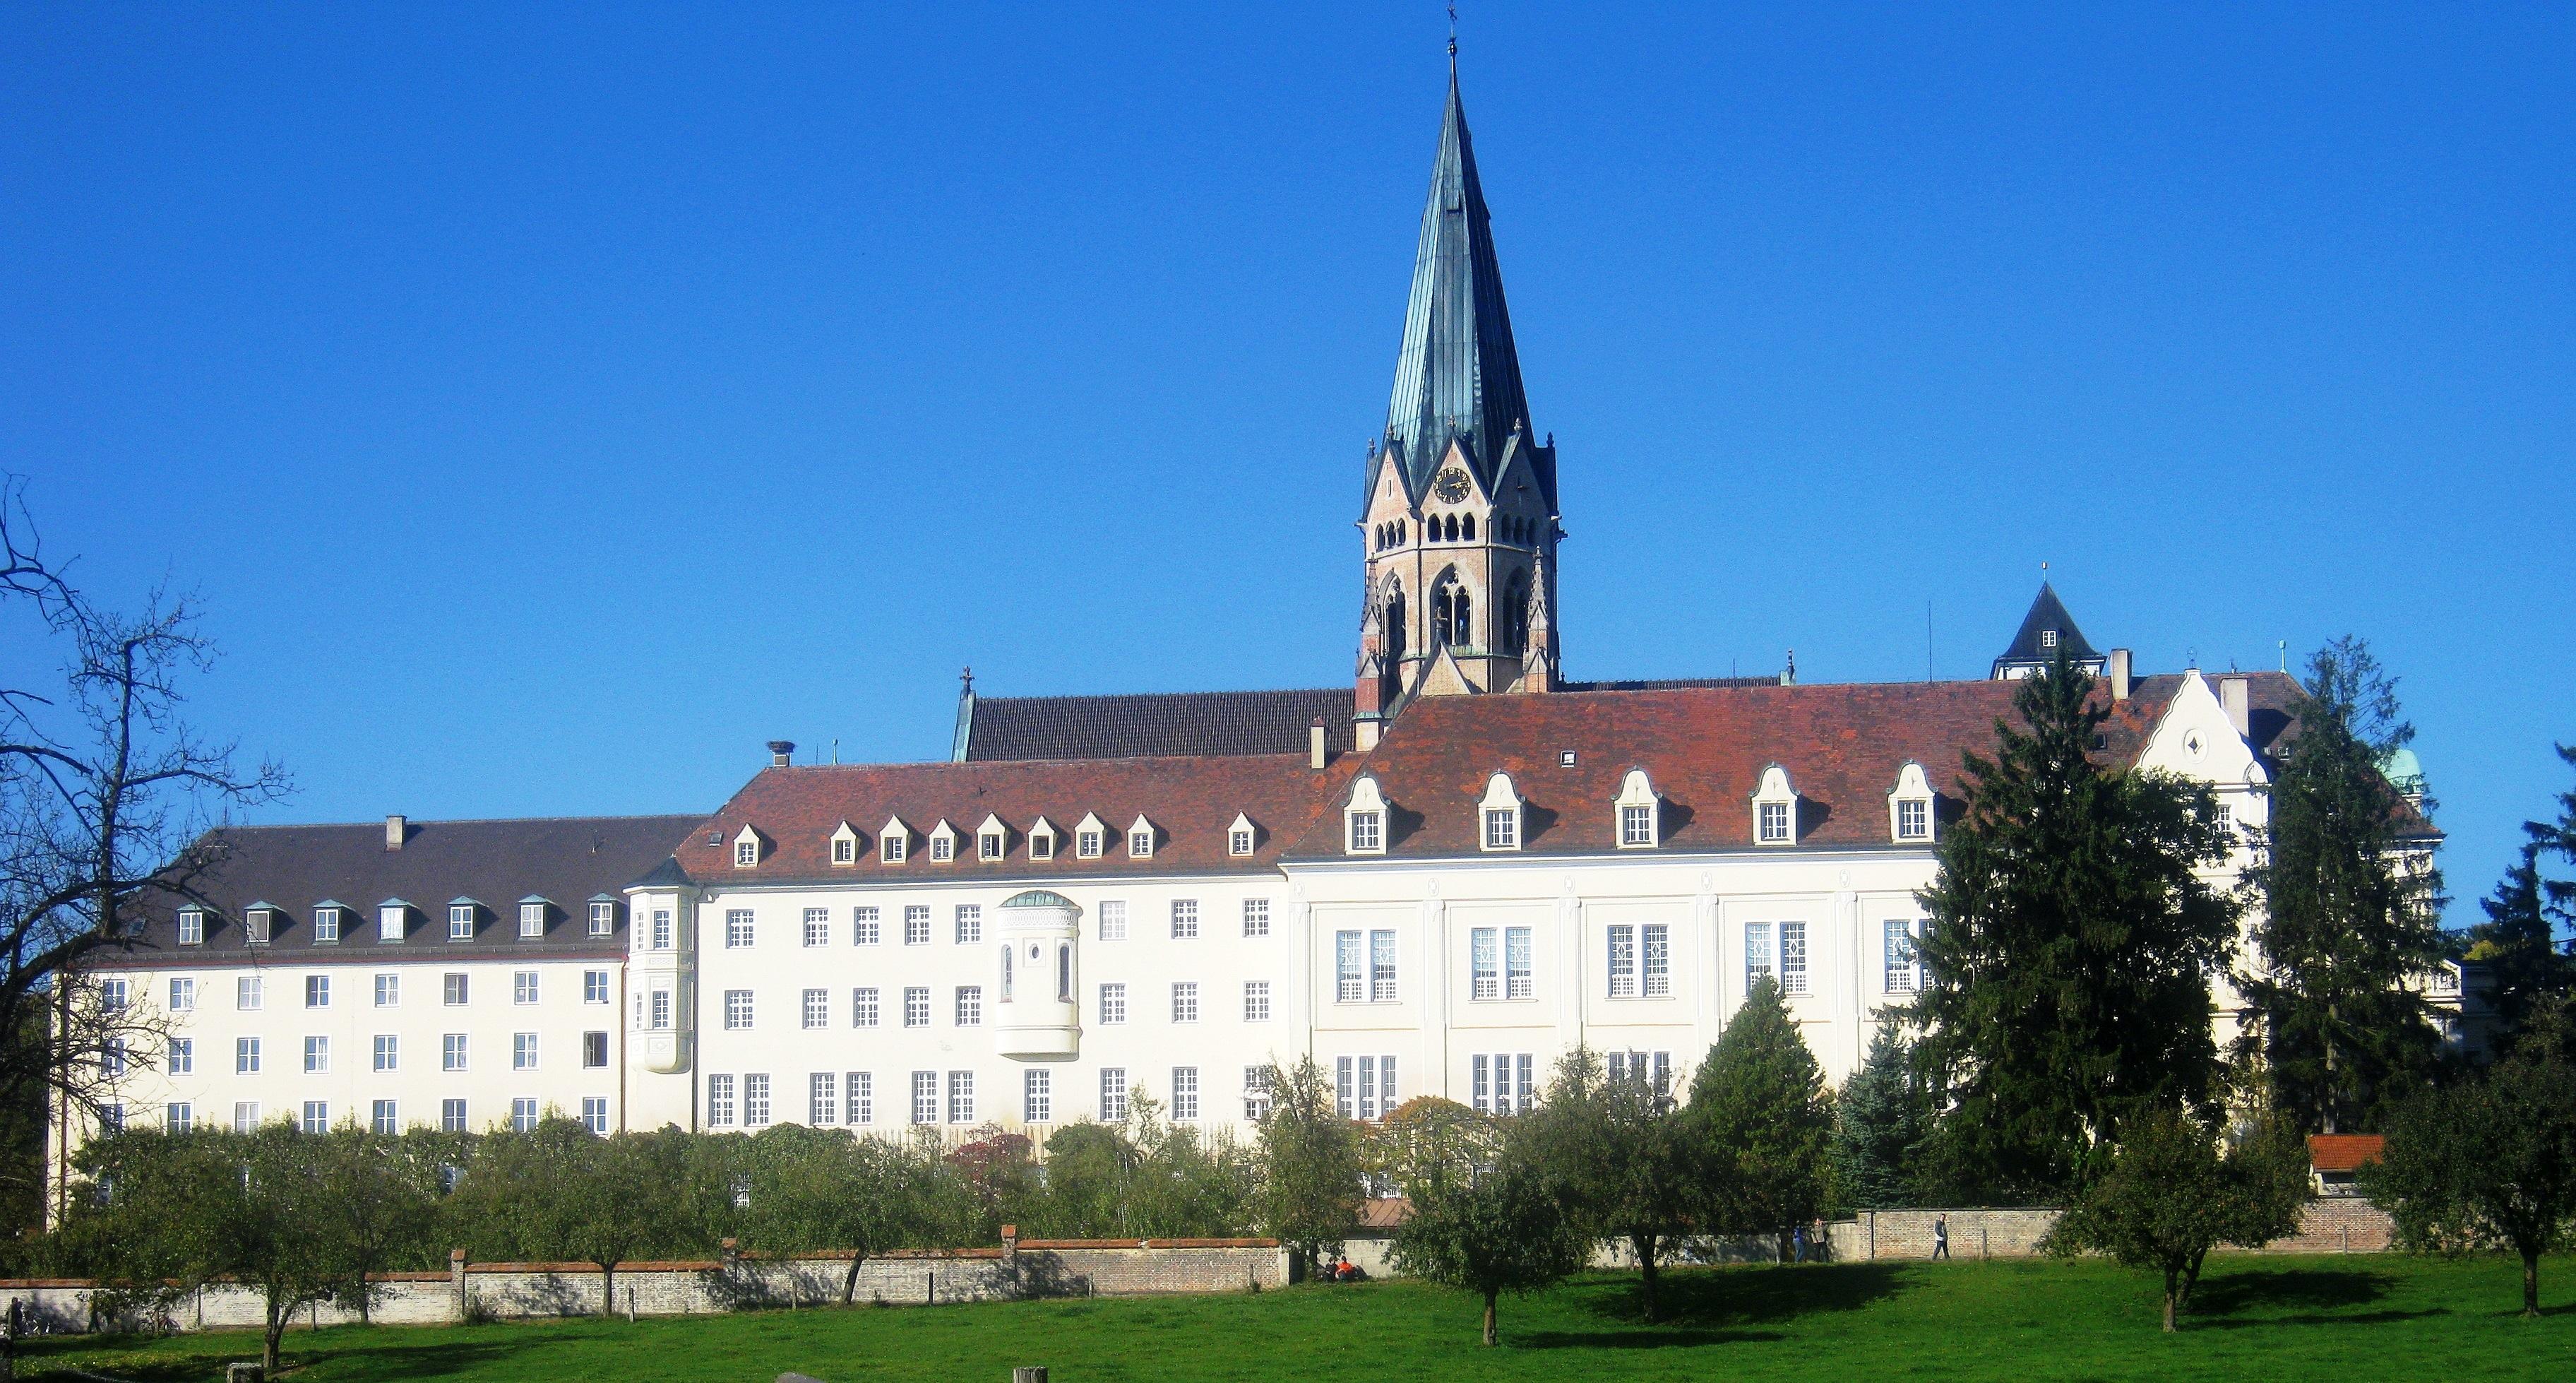 Klostertage in St. Ottilien vom 17.10. – 21.10.2018